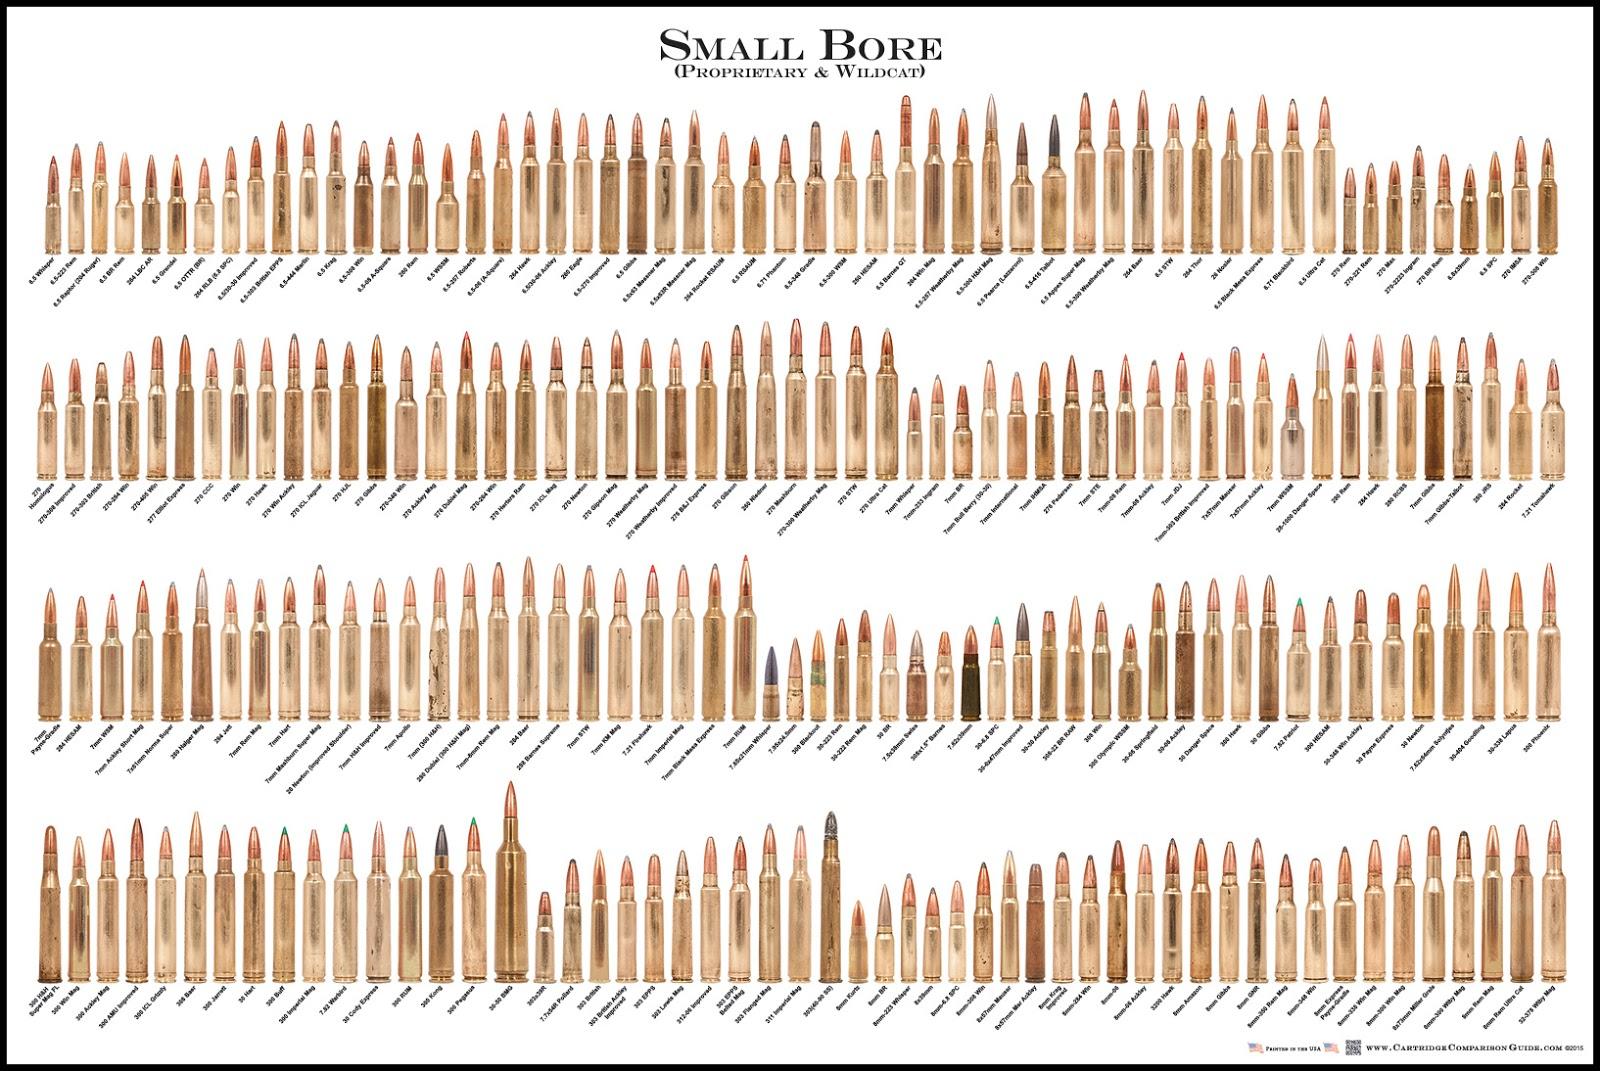 Small Bore Cartridge Comparison Guide Poster